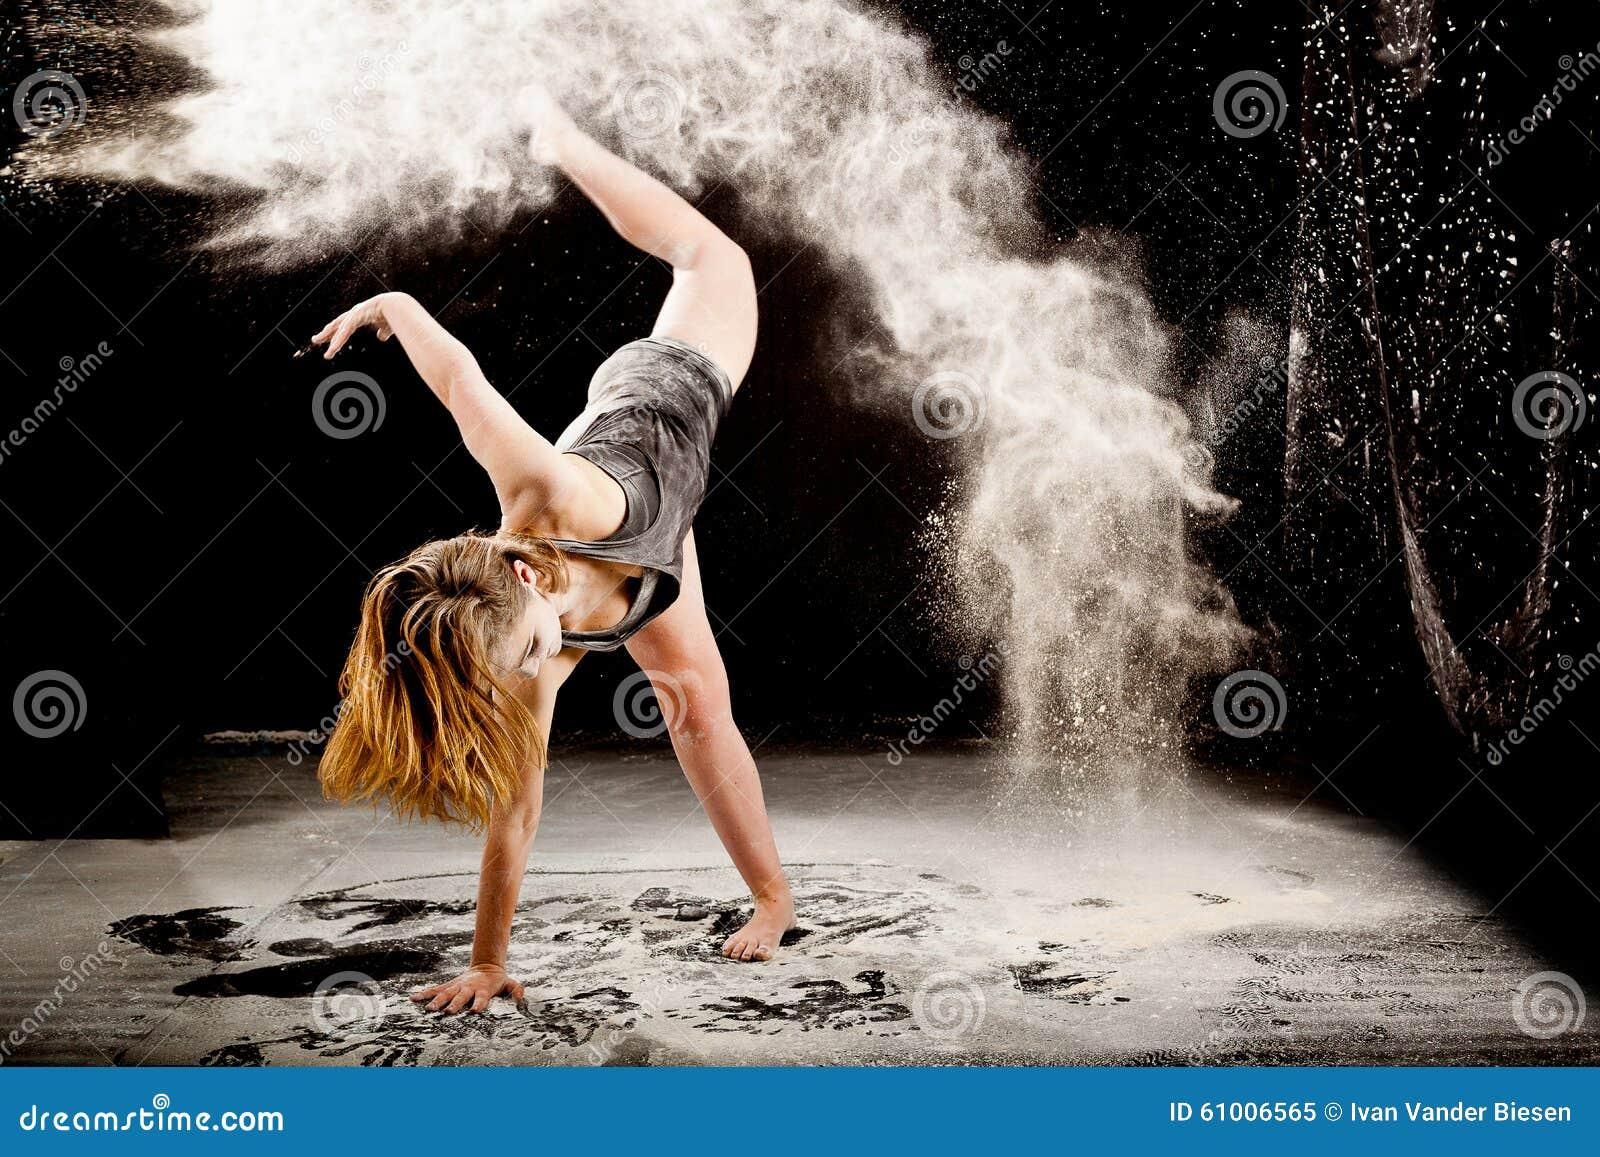 Powder contemporay dancer